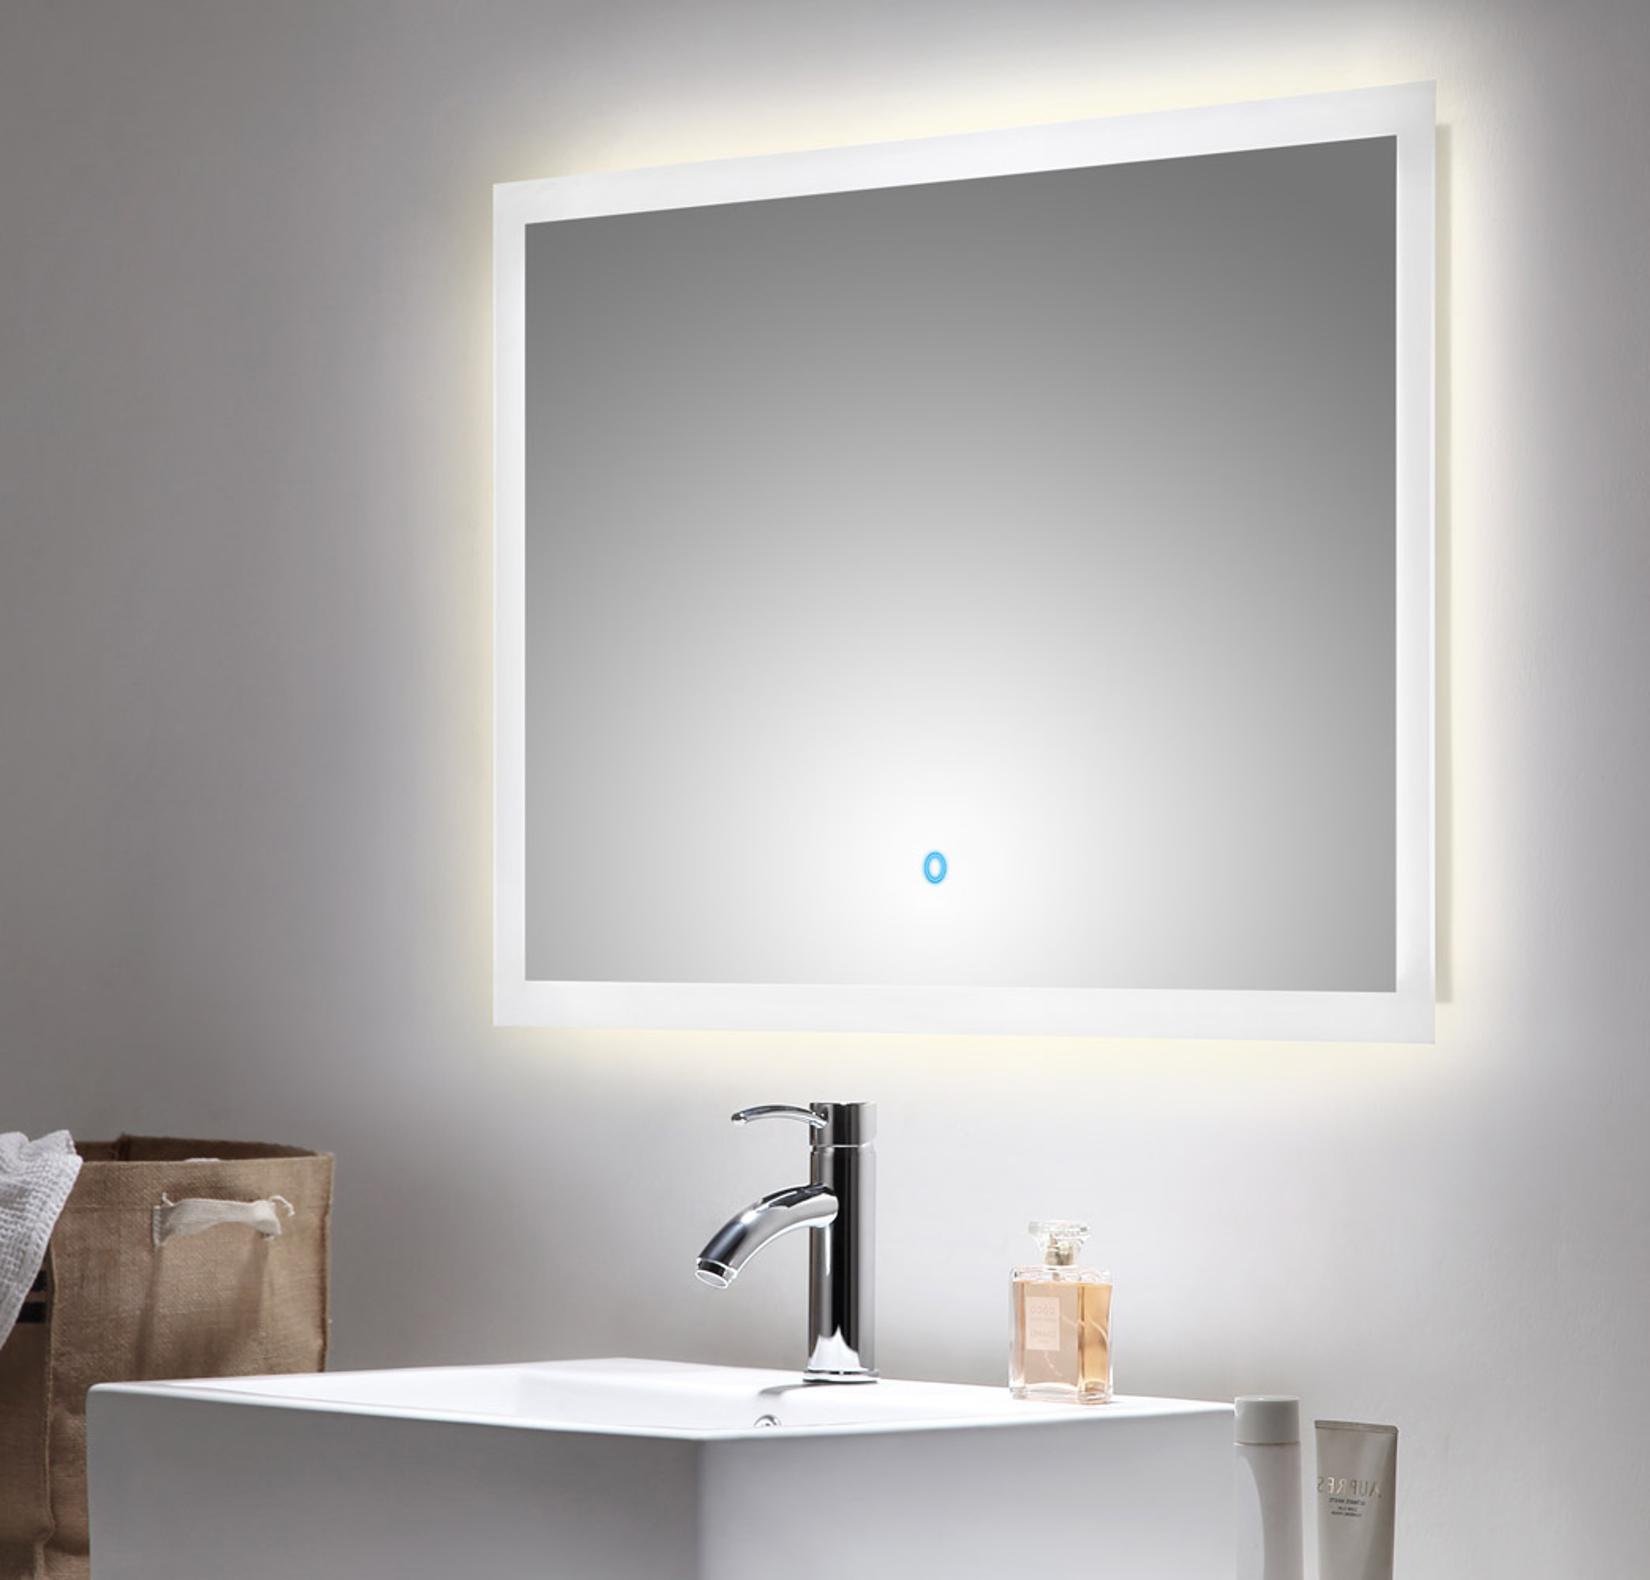 bad spiegel levia mit led touch steuerung 90 cm breit wei bad spiegelschr nke. Black Bedroom Furniture Sets. Home Design Ideas